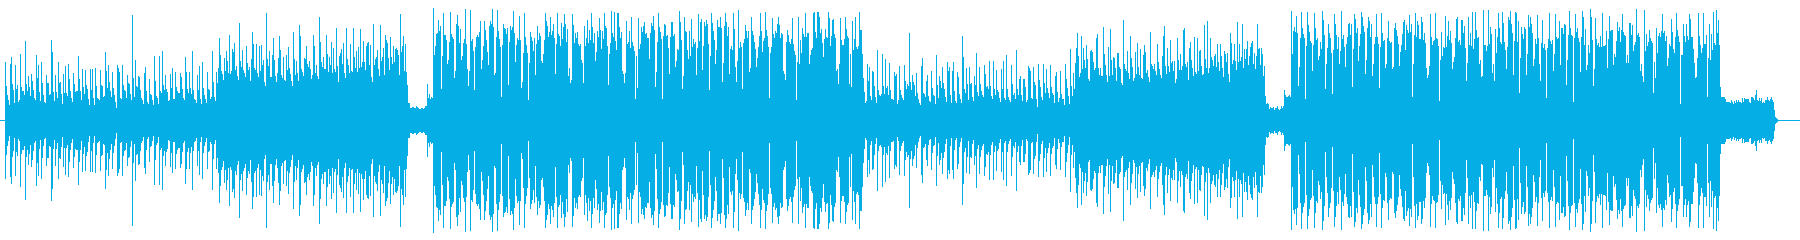 洋楽 Future Pop メロウな感じの再生済みの波形